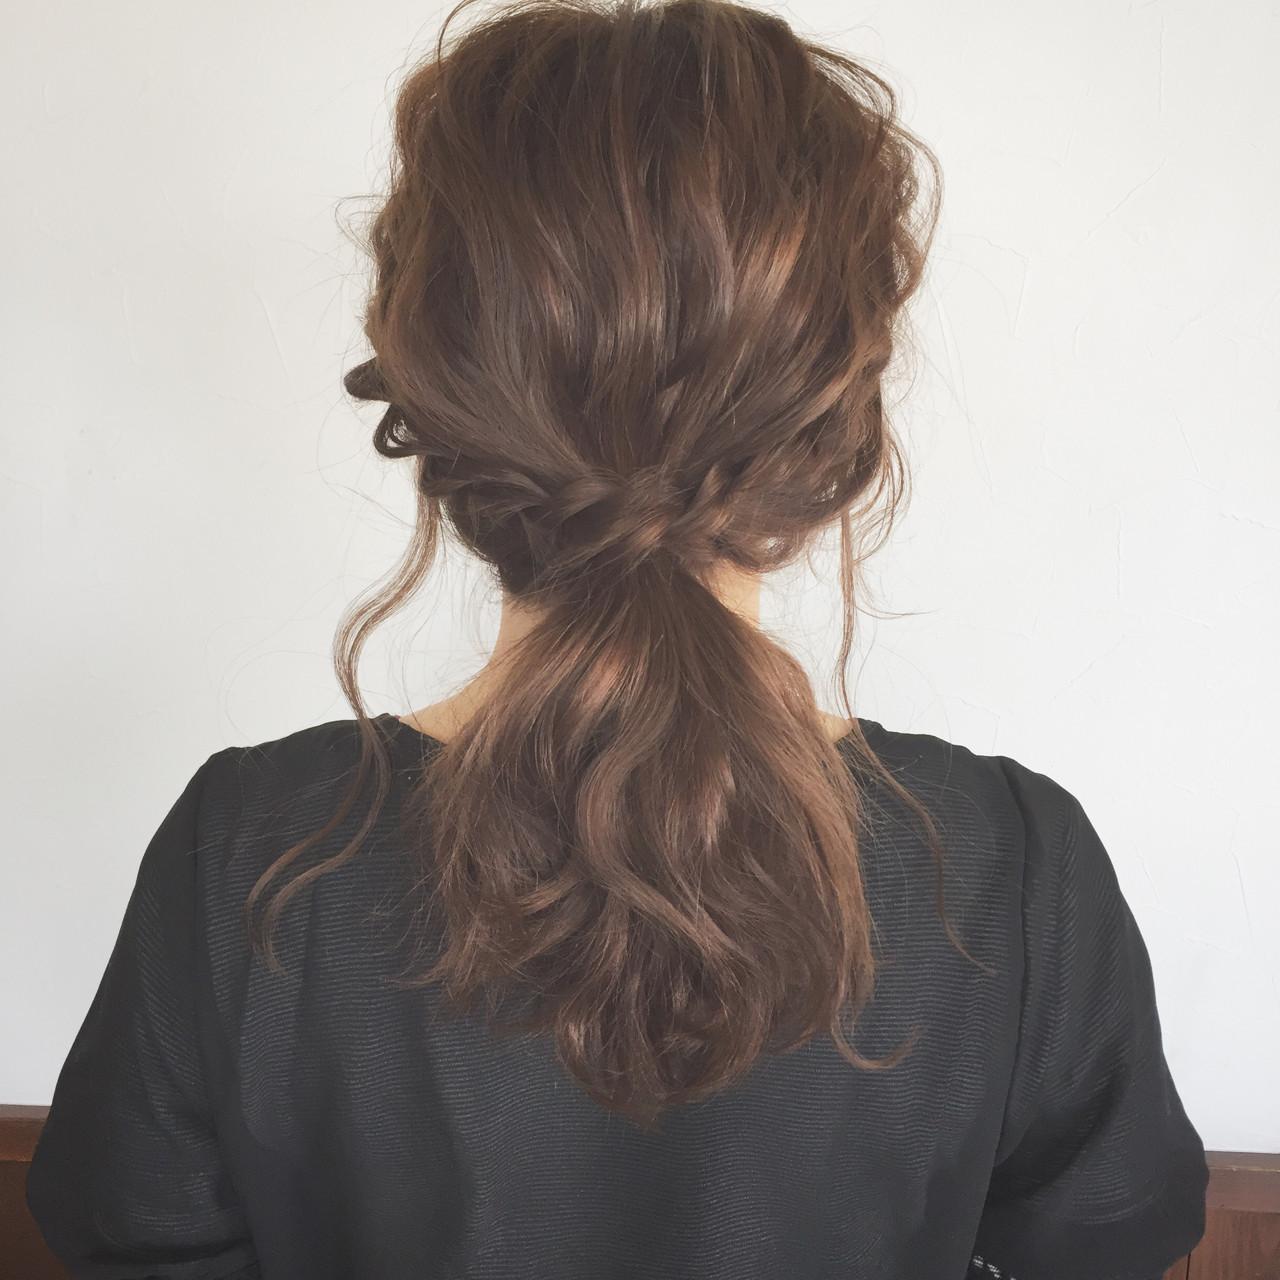 ミディアムヘアの人必見♡ヘアアレンジでもっと可愛くなっちゃおう!